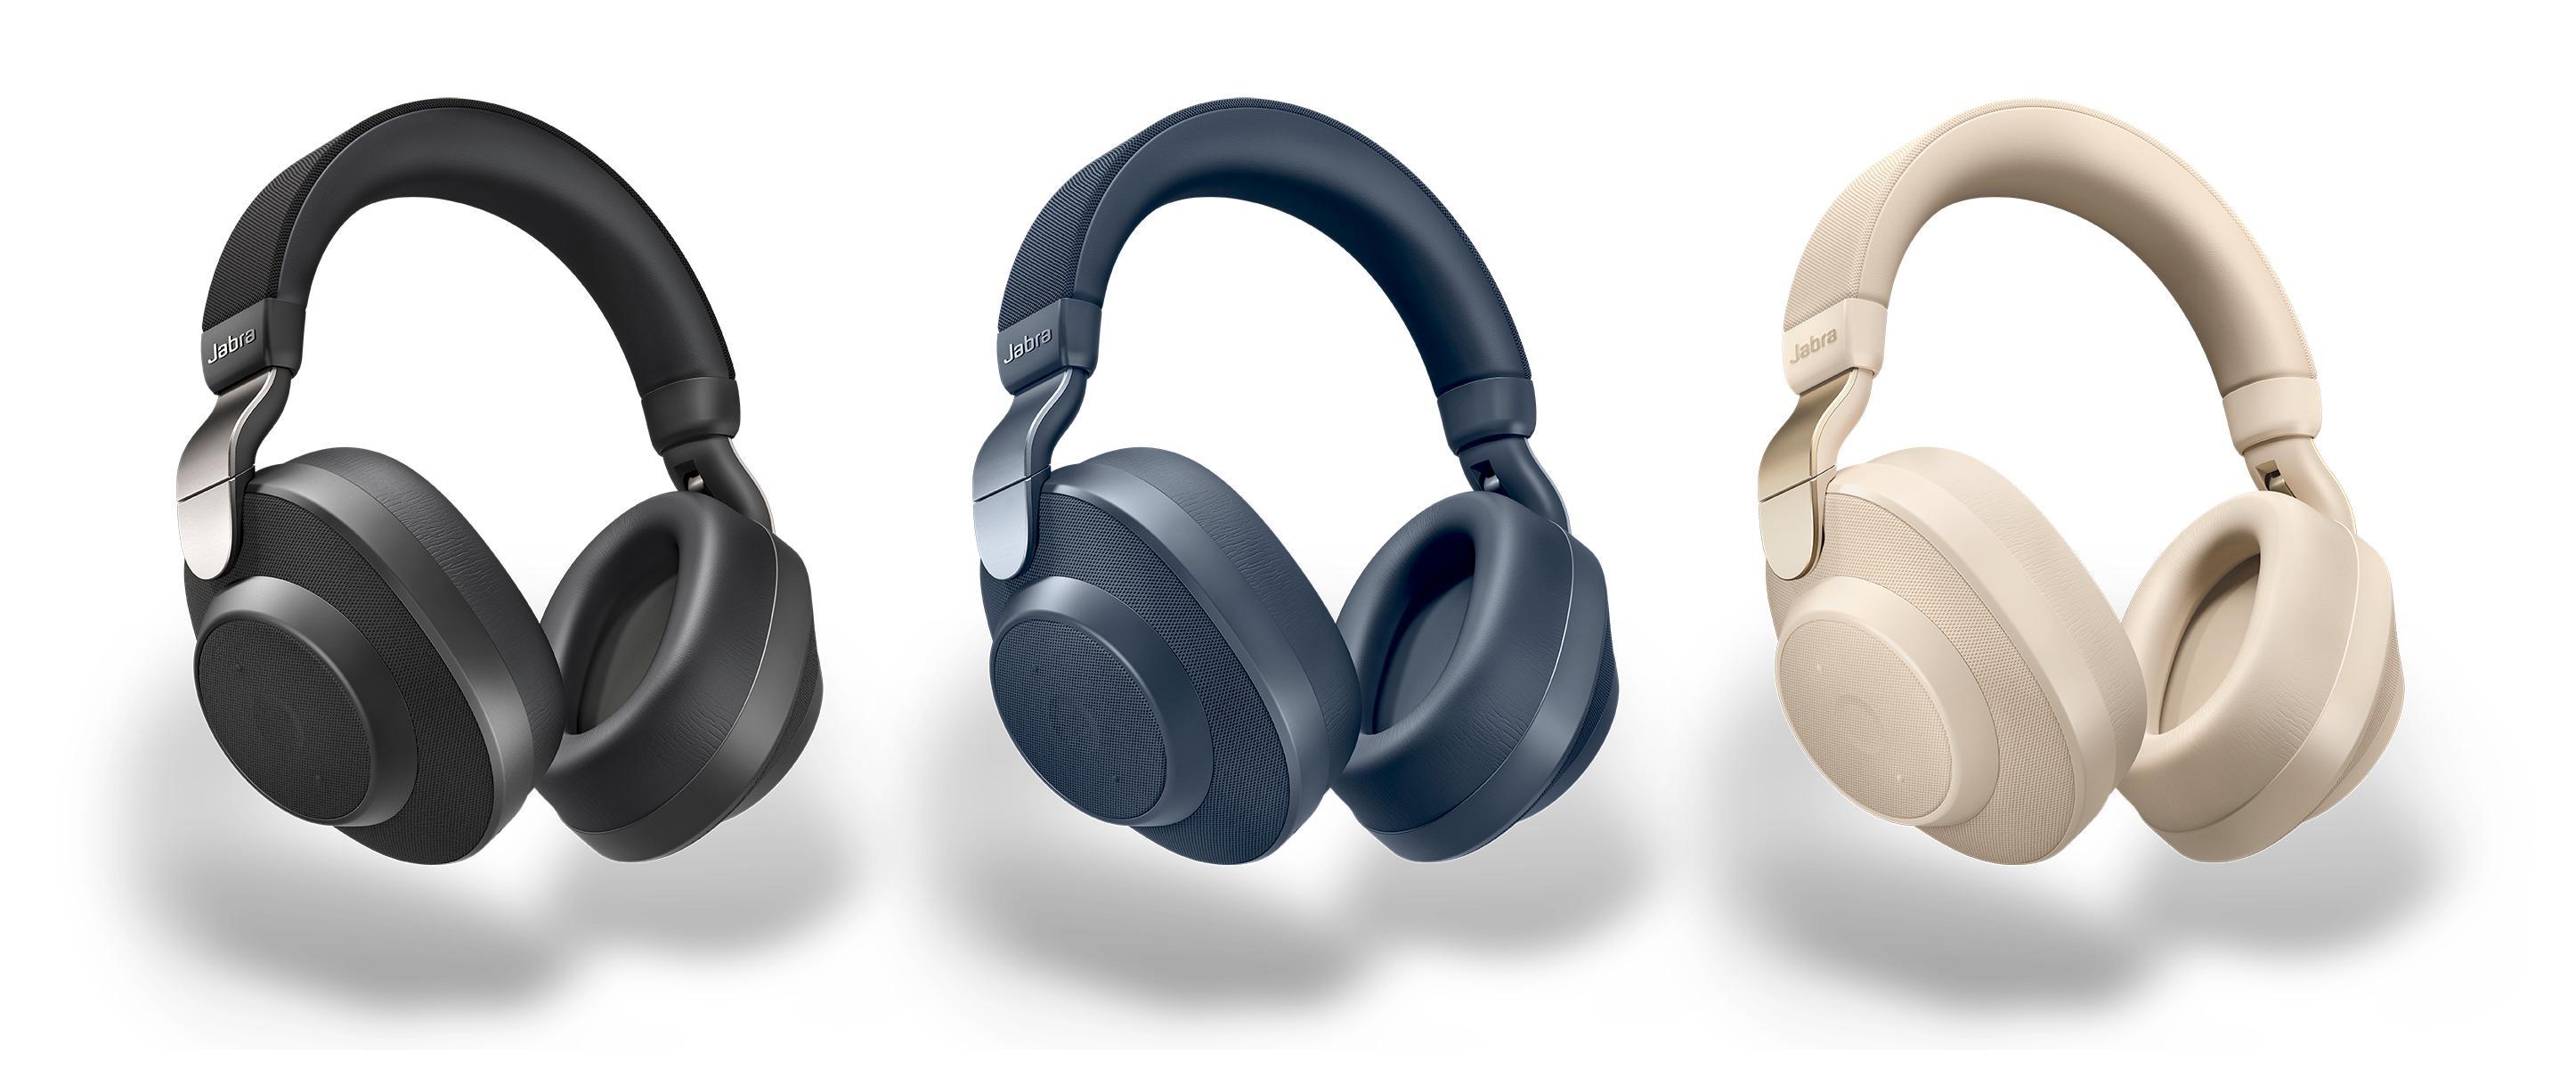 Hodetelefonene blir tilgjengelig i sort, blå og gull. I tillegg finnes en variant kalt titaniumsort.